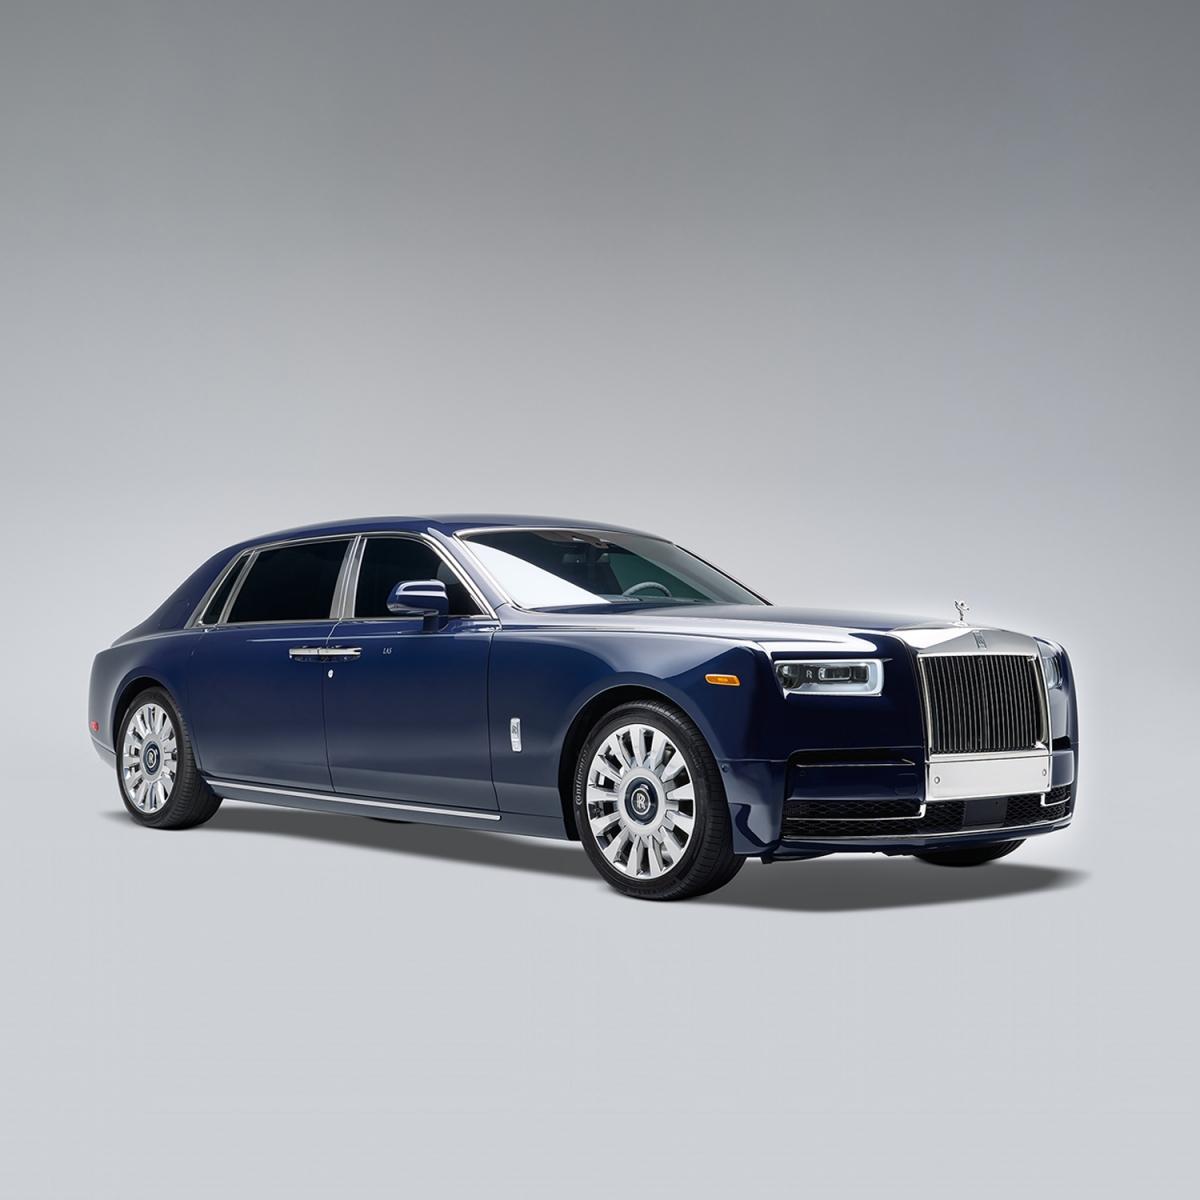 Ông bà Smith đã phải chờ đợi ba năm để có được tấm ốp gỗ hoàn hảo khi chuyên gia gỗ của Rolls-Royce đàm phán với nhà cung cấp để có một khúc gỗ từ bộ sưu tập cá nhân của riêng người này. Mẫu vật này thể hiện một chiều sâu độc đáo hiếm thấy, với một hình trong hạt tạo ra hiệu ứng của nhung. Các thợ thủ công tại xưởng gỗ cá nhân hóa của Rolls-Royce đã chấp nhận thách thức trong việc bảo tồn lớp hoàn thiện kết cấu độc đáo này trên chiếc Rolls-Royce Phantom EWB.